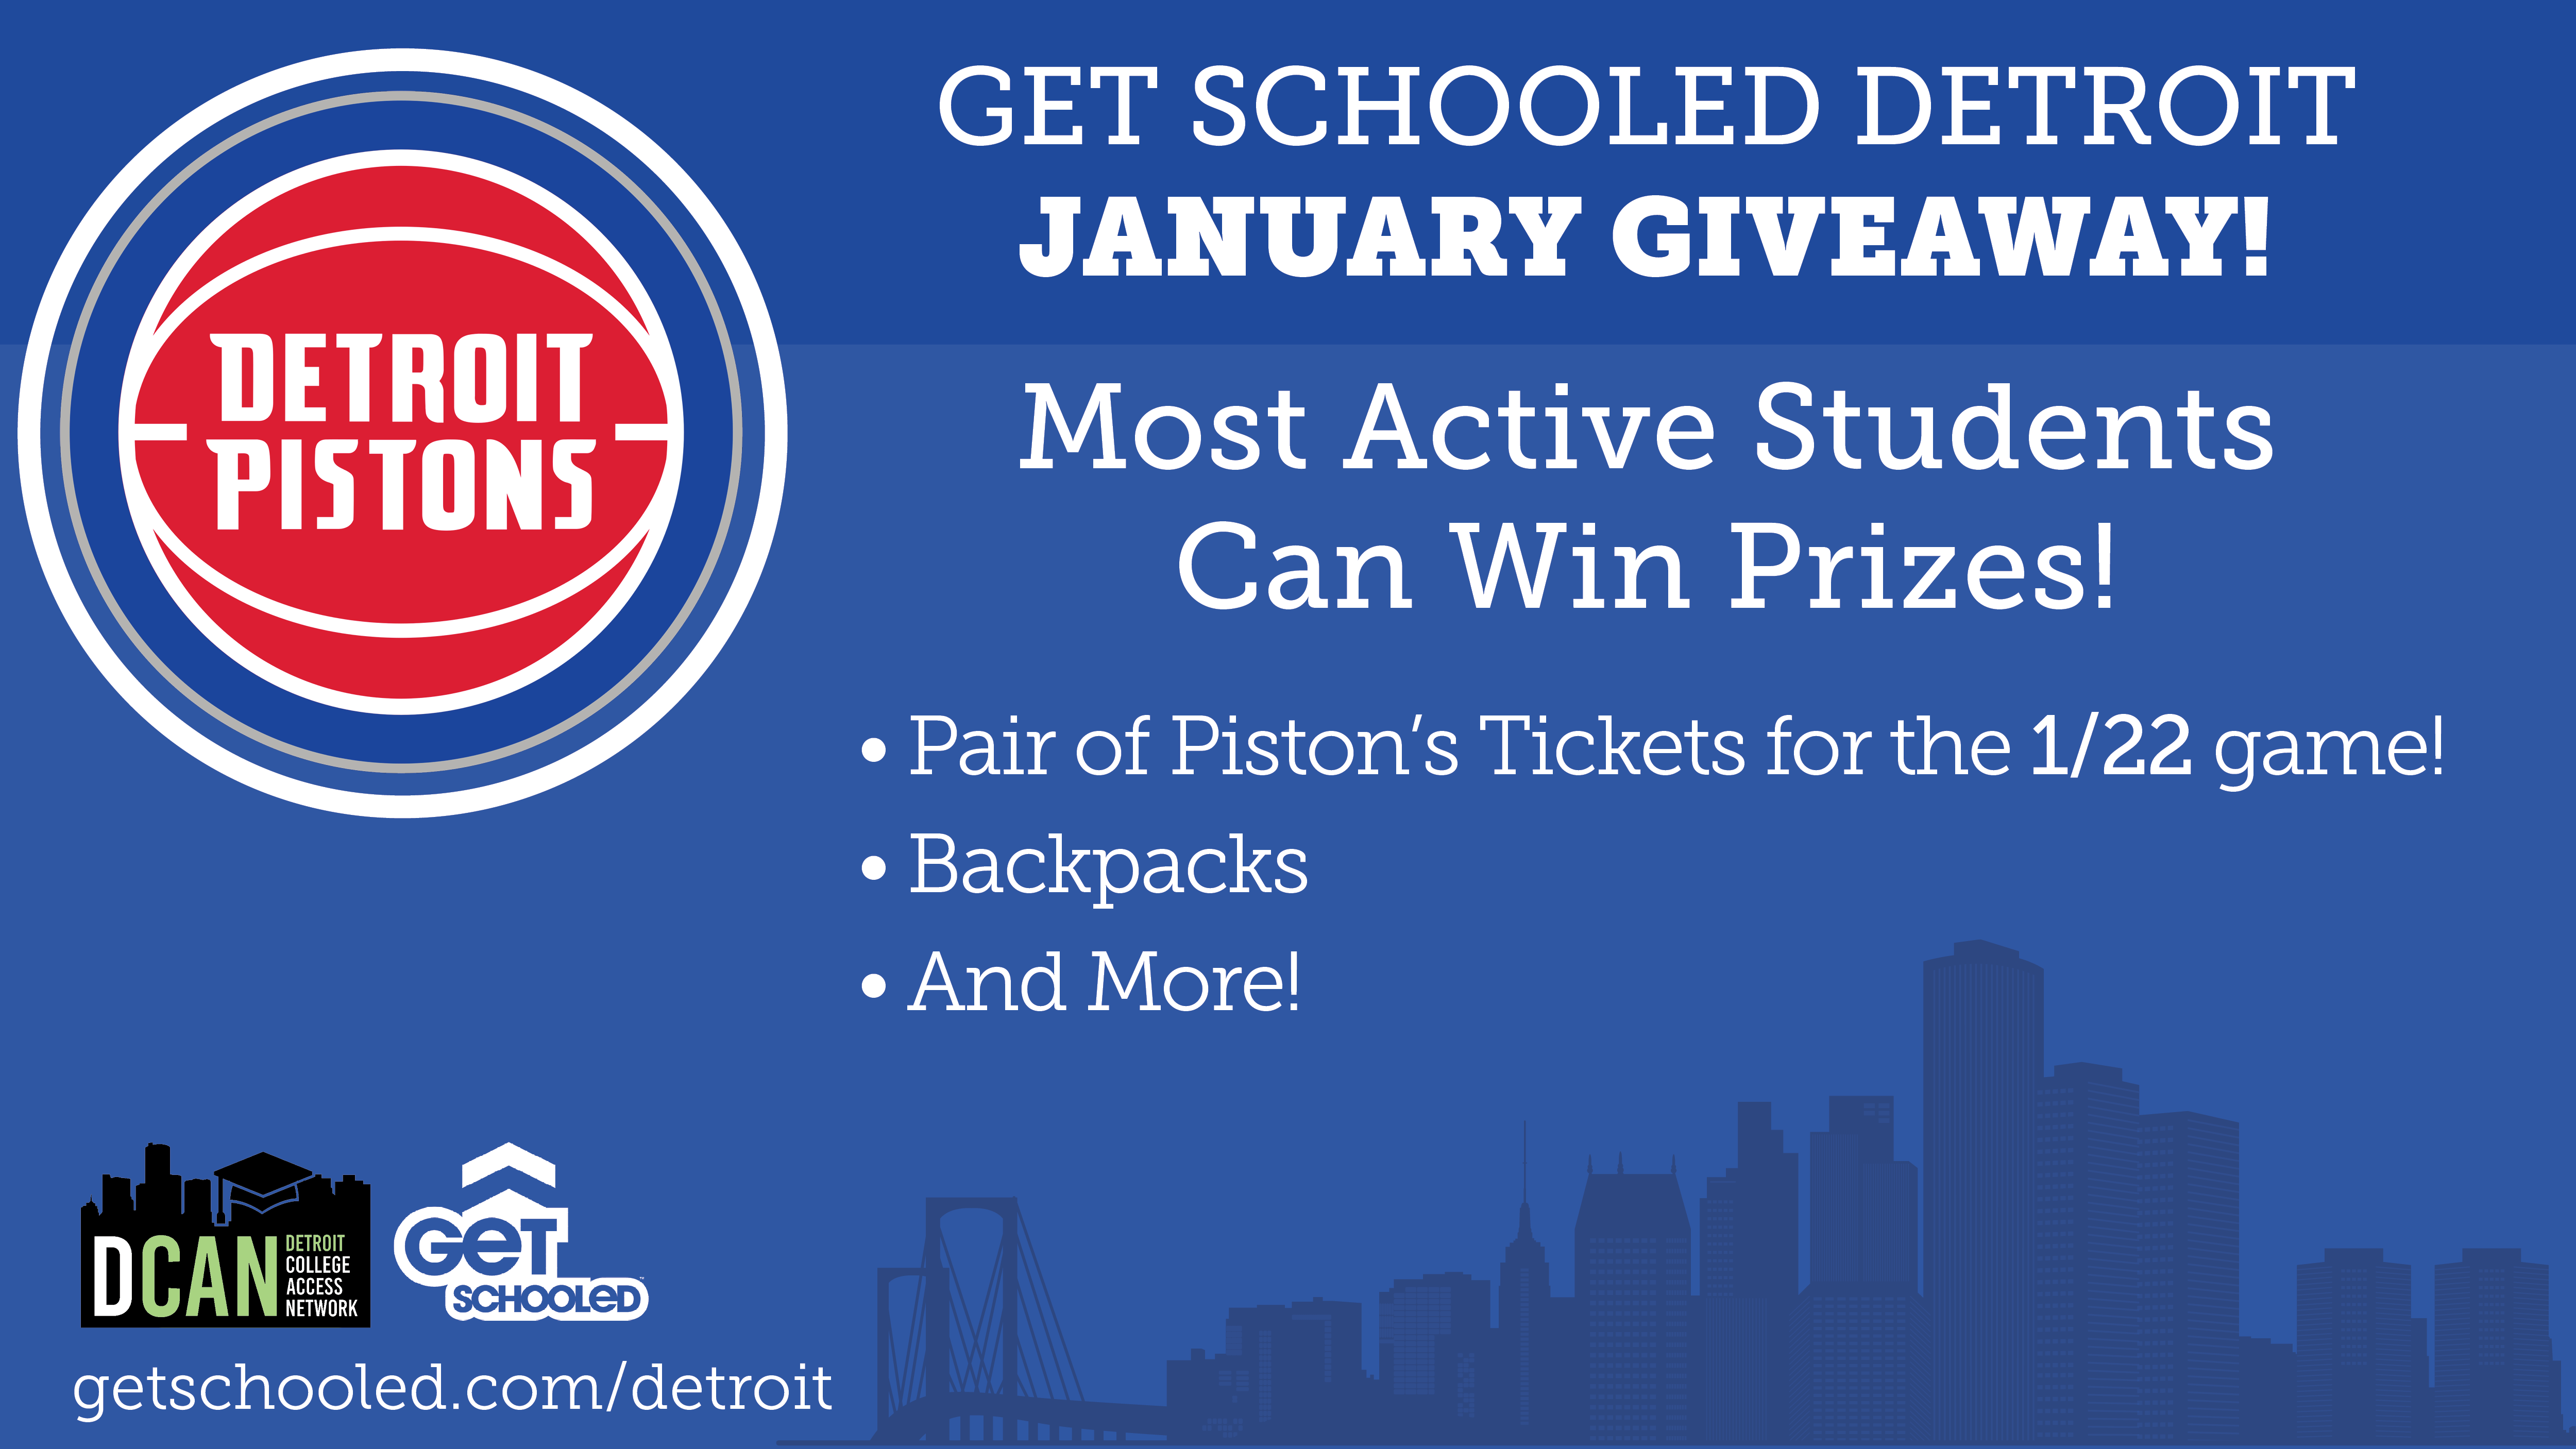 Get Schooled Detroit Pistons Ticket Giveaway